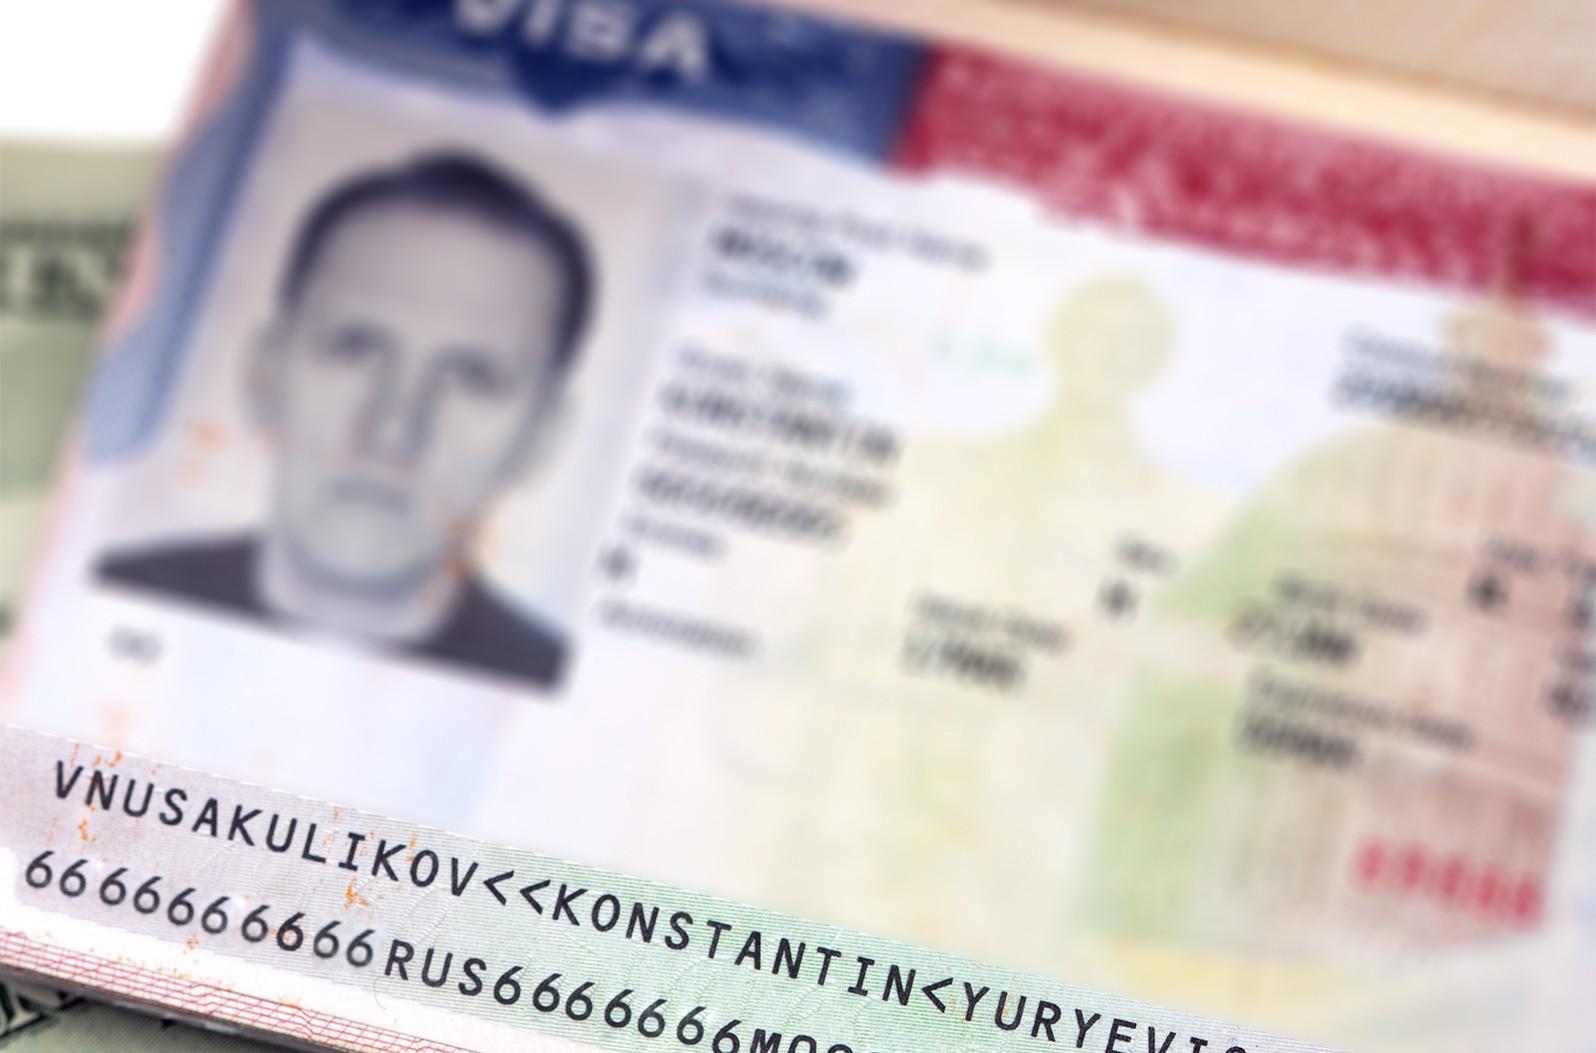 Capturez les données des passeports et cartes d'identité